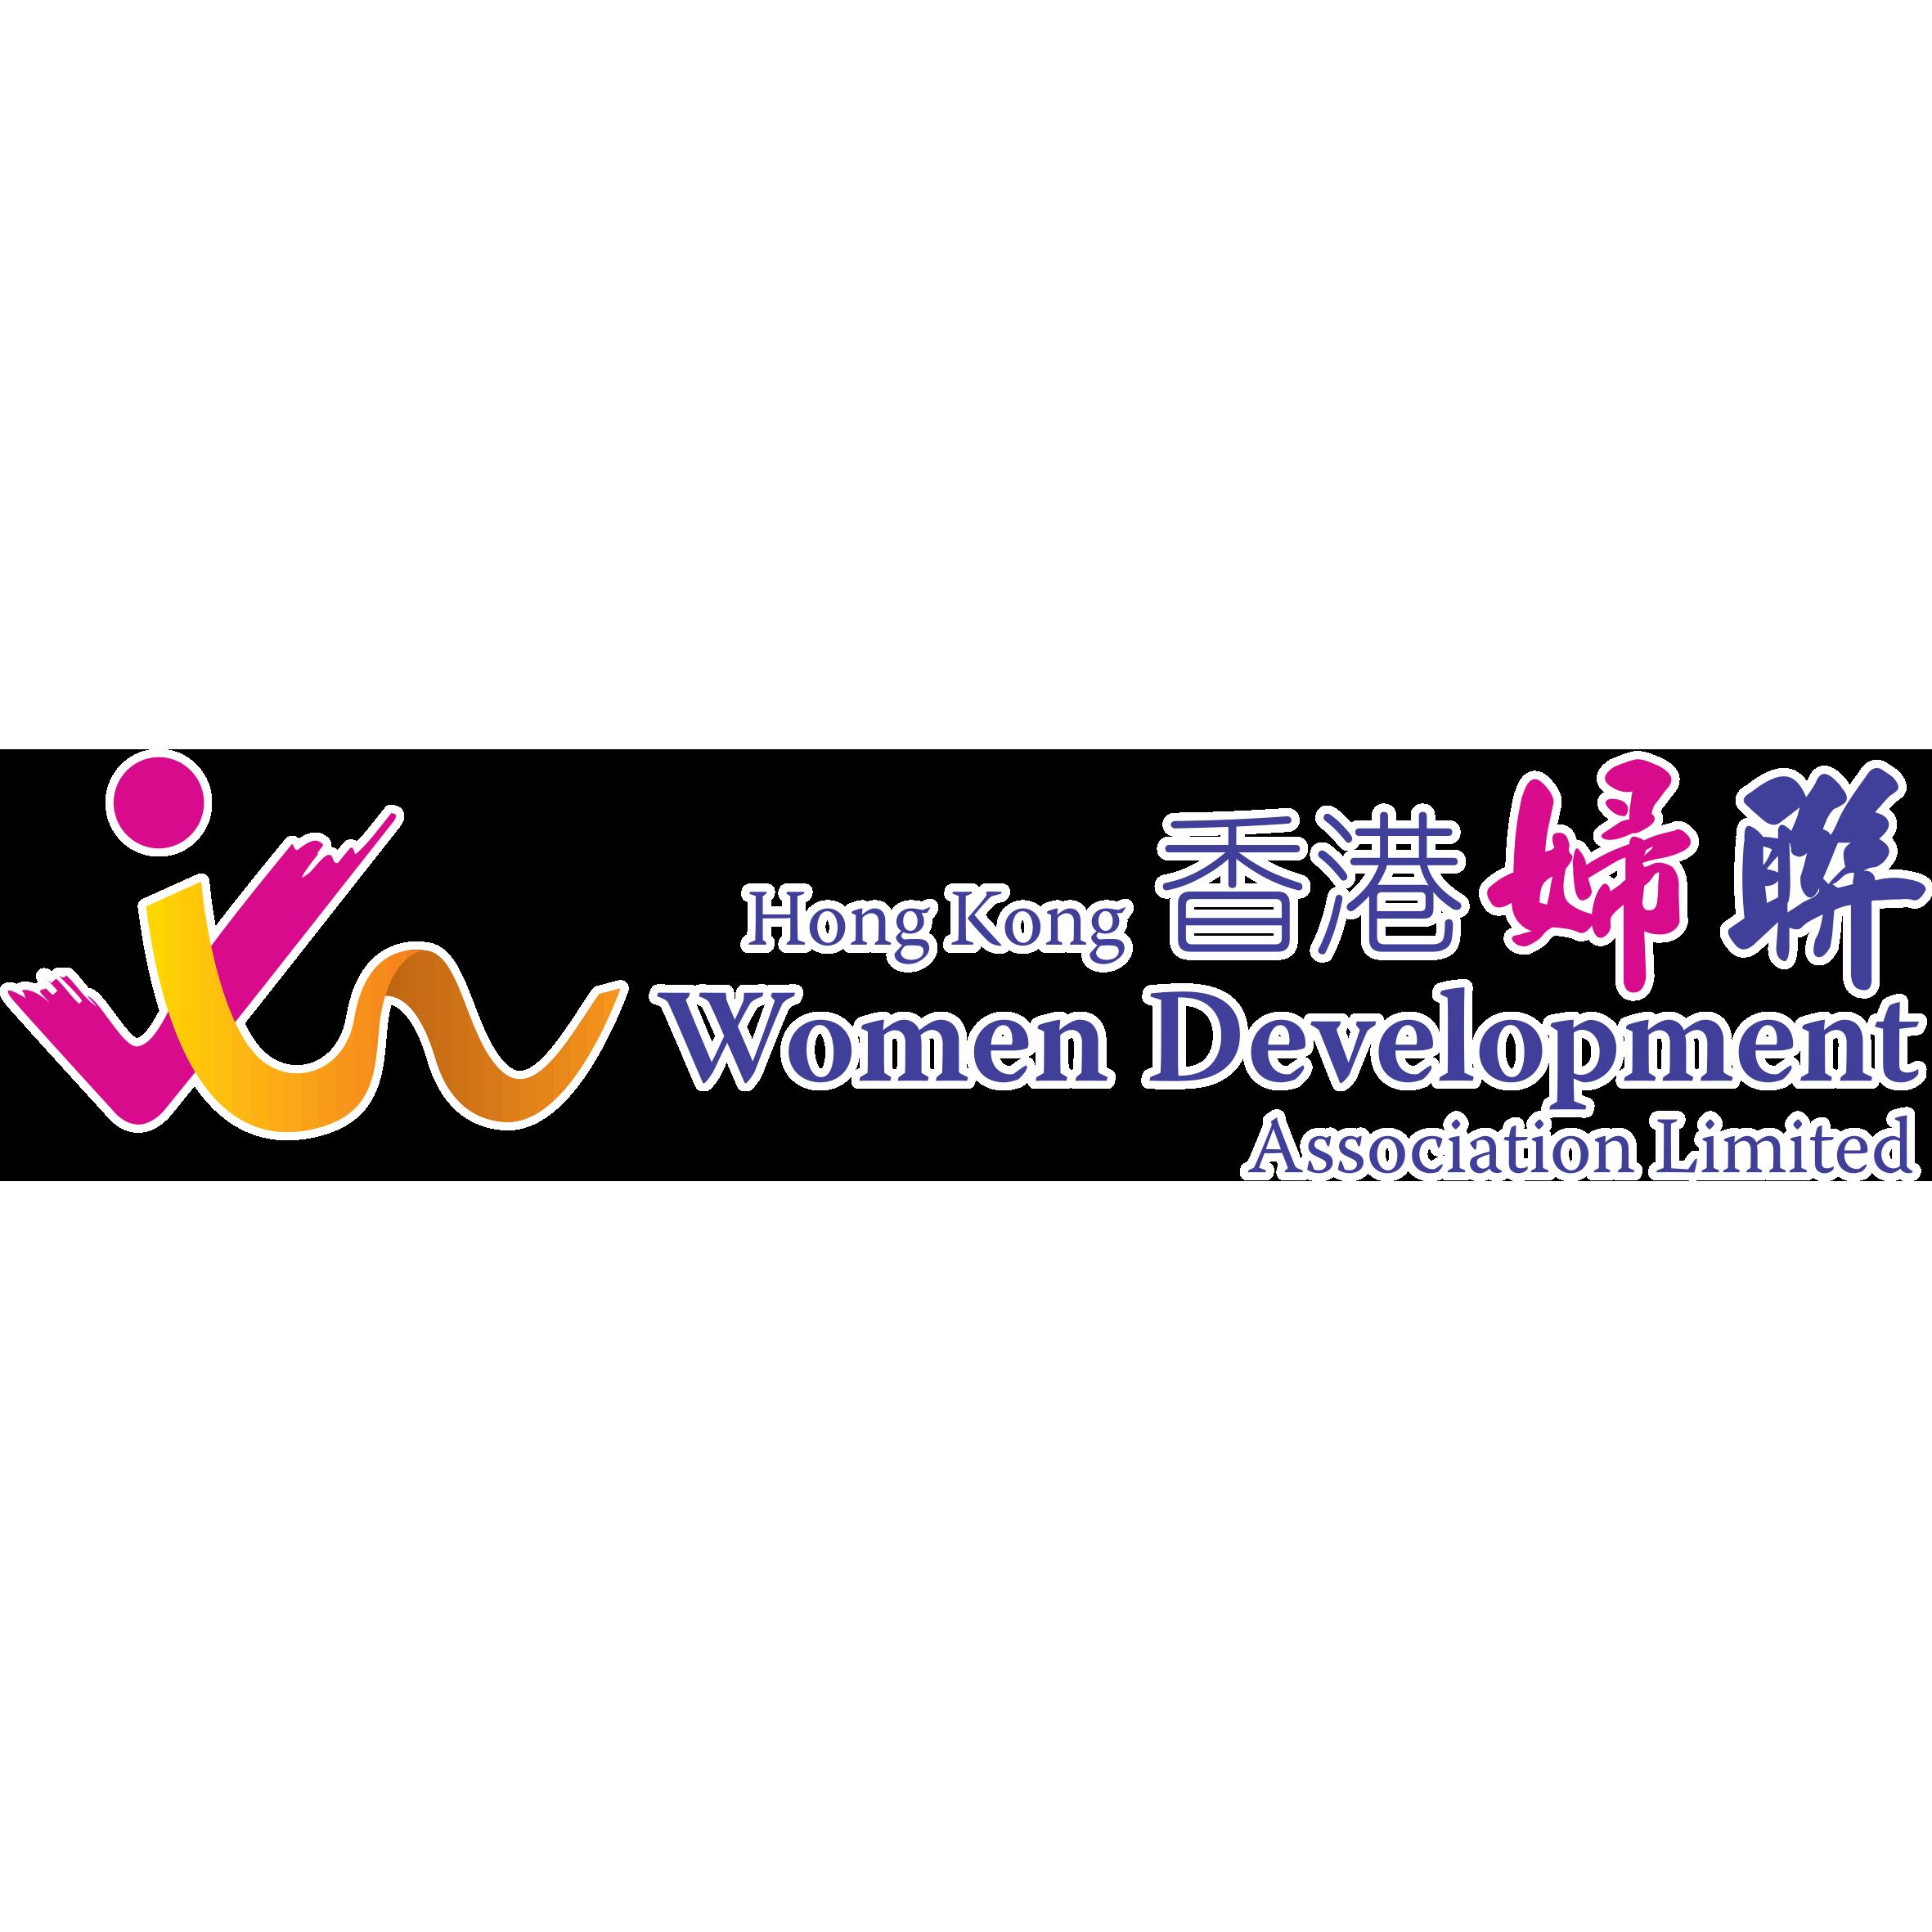 Hong Kong Women Development Association Limited